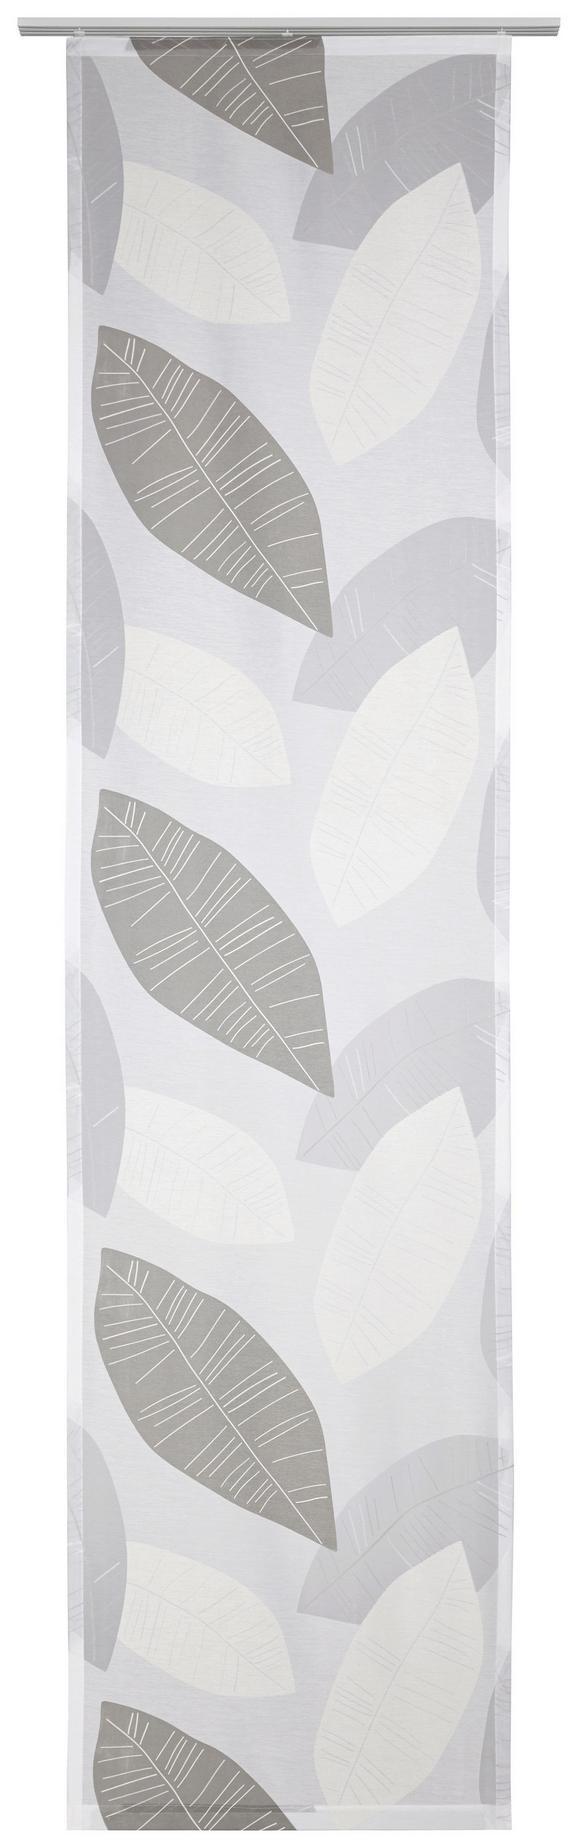 Lapfüggöny Anna - ezüst színű/fehér, modern, textil (60/245cm) - MÖMAX modern living